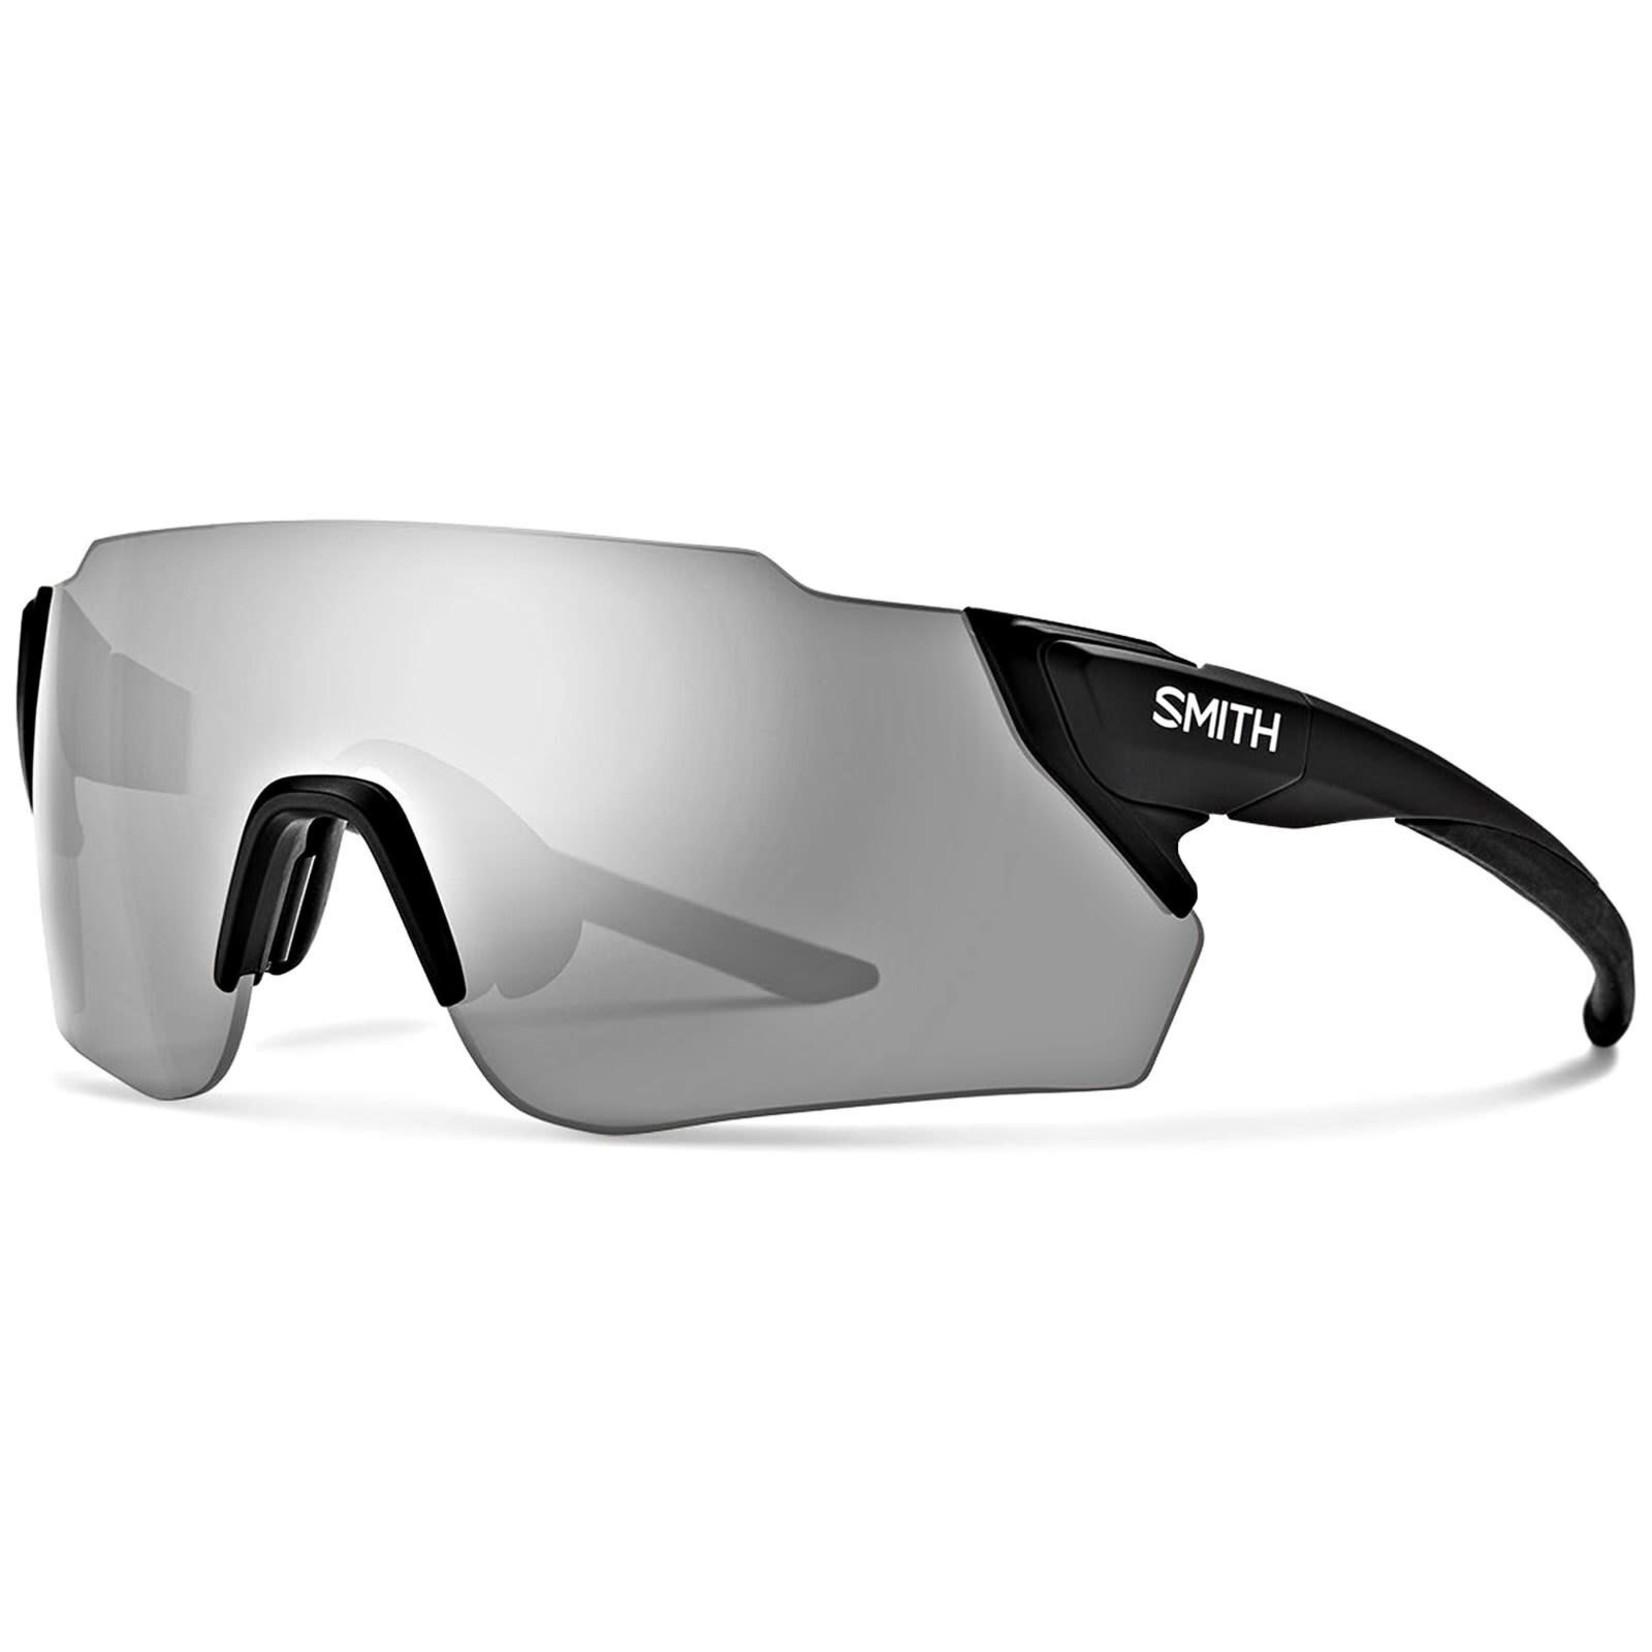 Smith Smith Attack Max Sunglasses